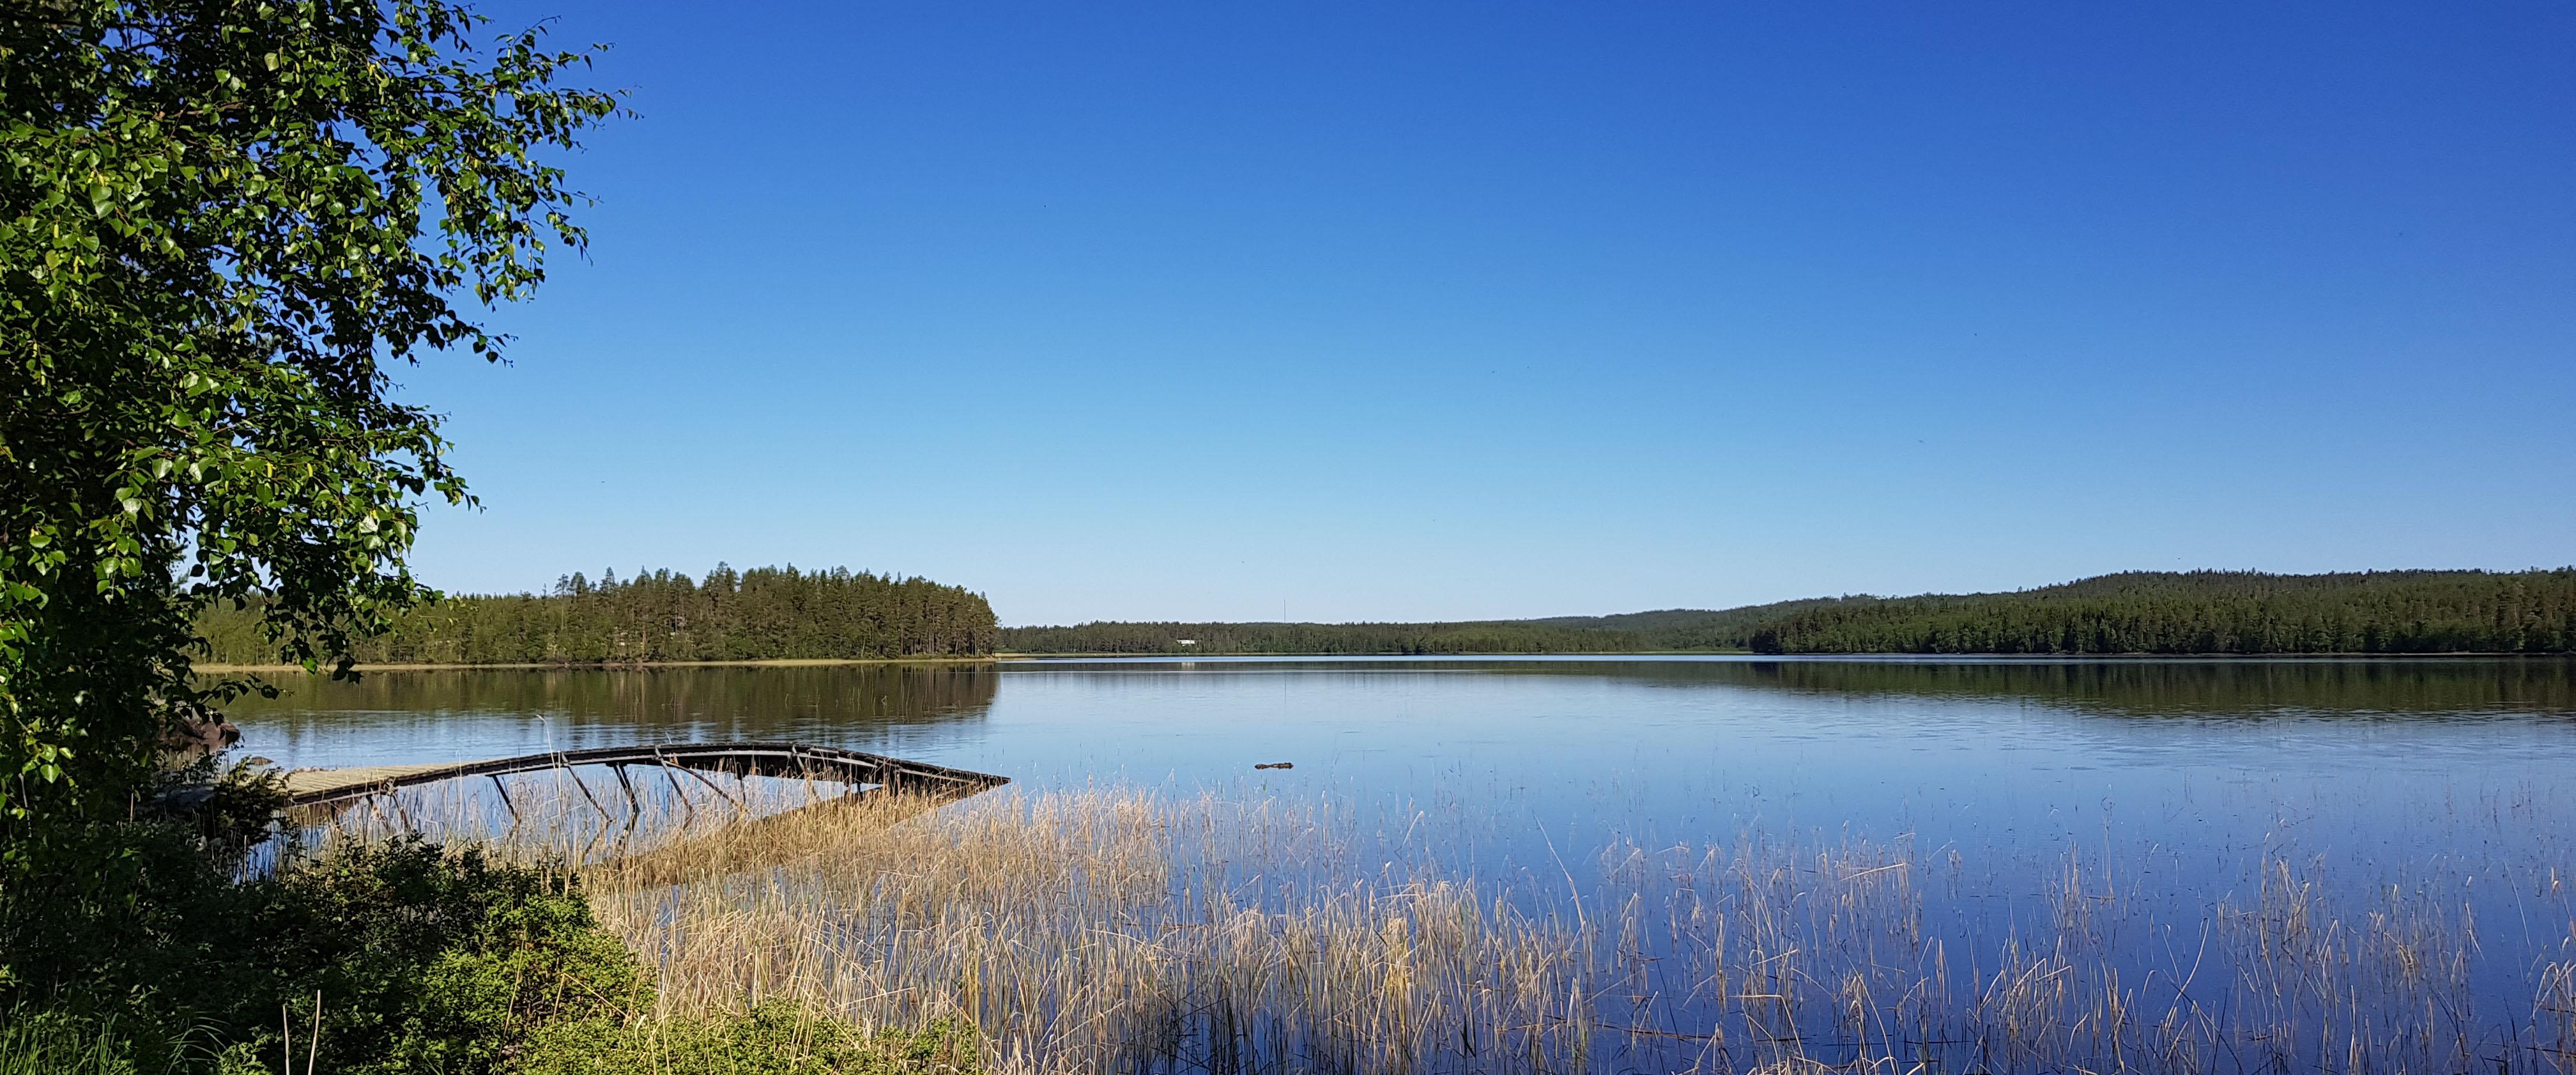 Harrträsket Sjön